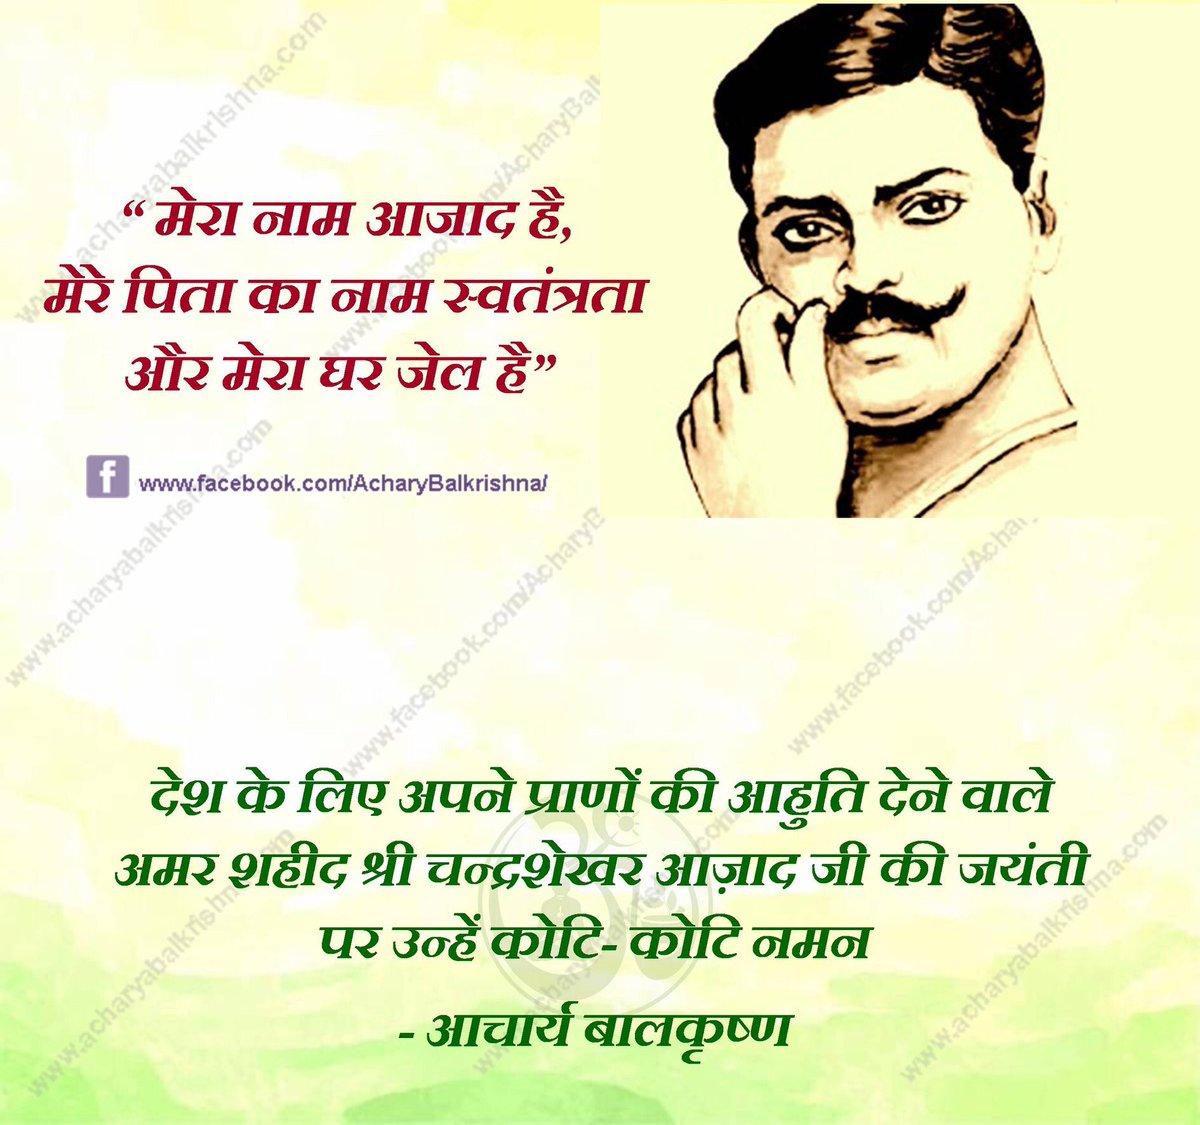 अमर शहीद श्री #चन्द्रशेखर_आज़ाद जी की जयंती पर उन्हें कोटि- कोटि नमन #आचार्यबालकृष्ण #AcharyaBalkrishna #ChandrashekharAzad